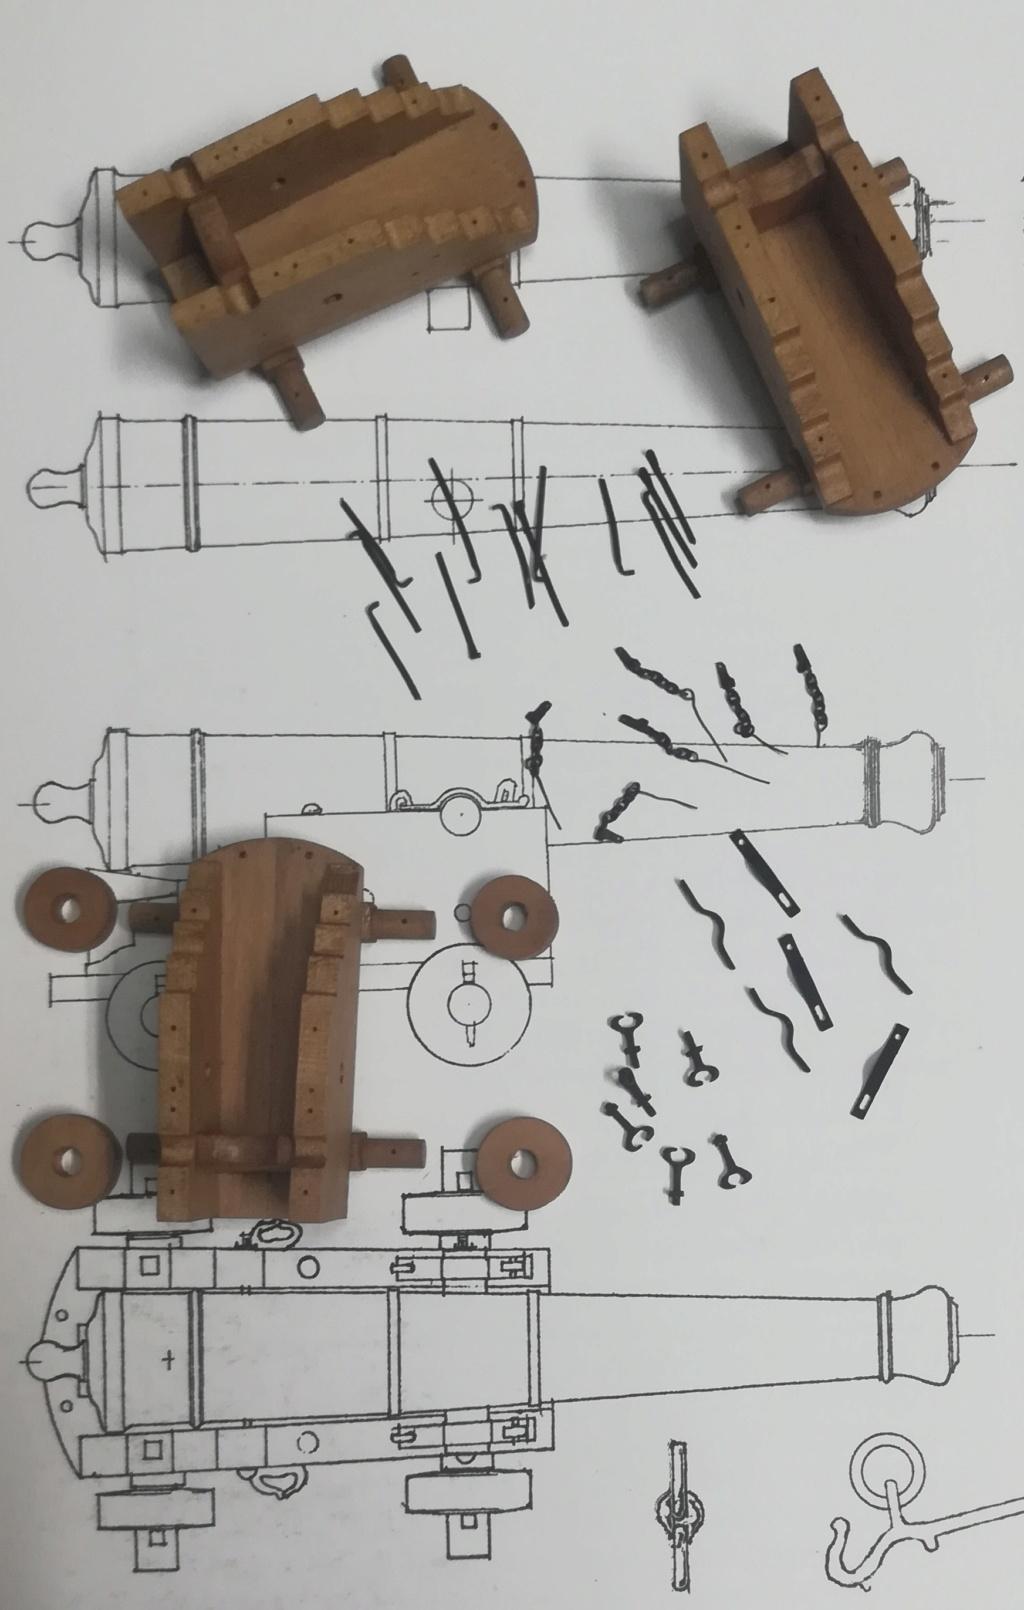 La Belle 1684 scala 1/24  piani ANCRE cantiere di grisuzone  - Pagina 9 Rimg_126